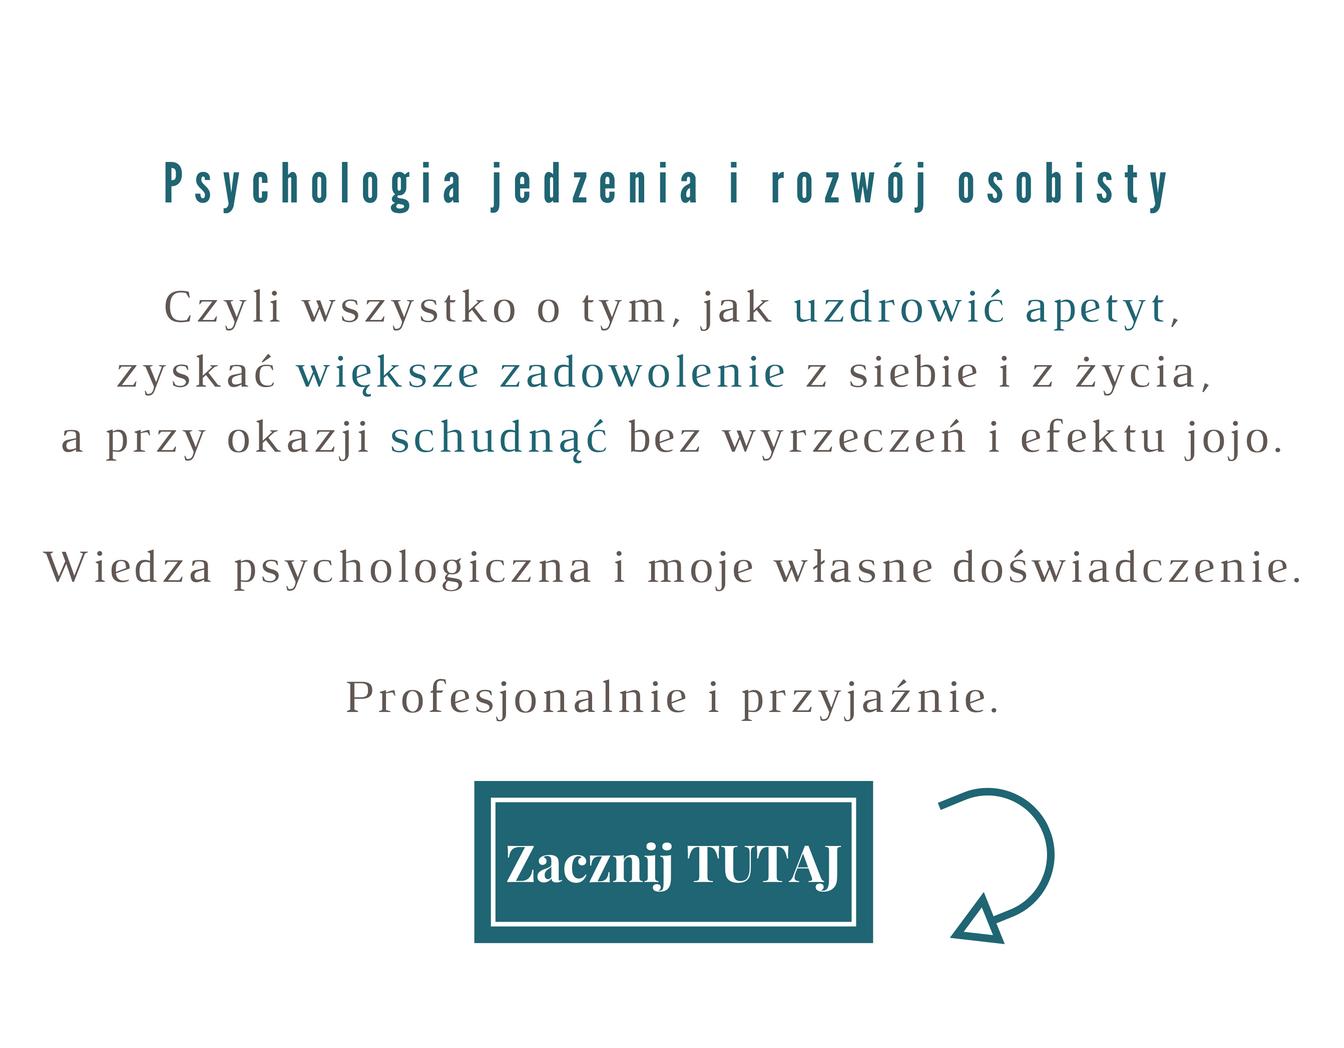 Beata Nowicka - Misiewicz opis na stronę